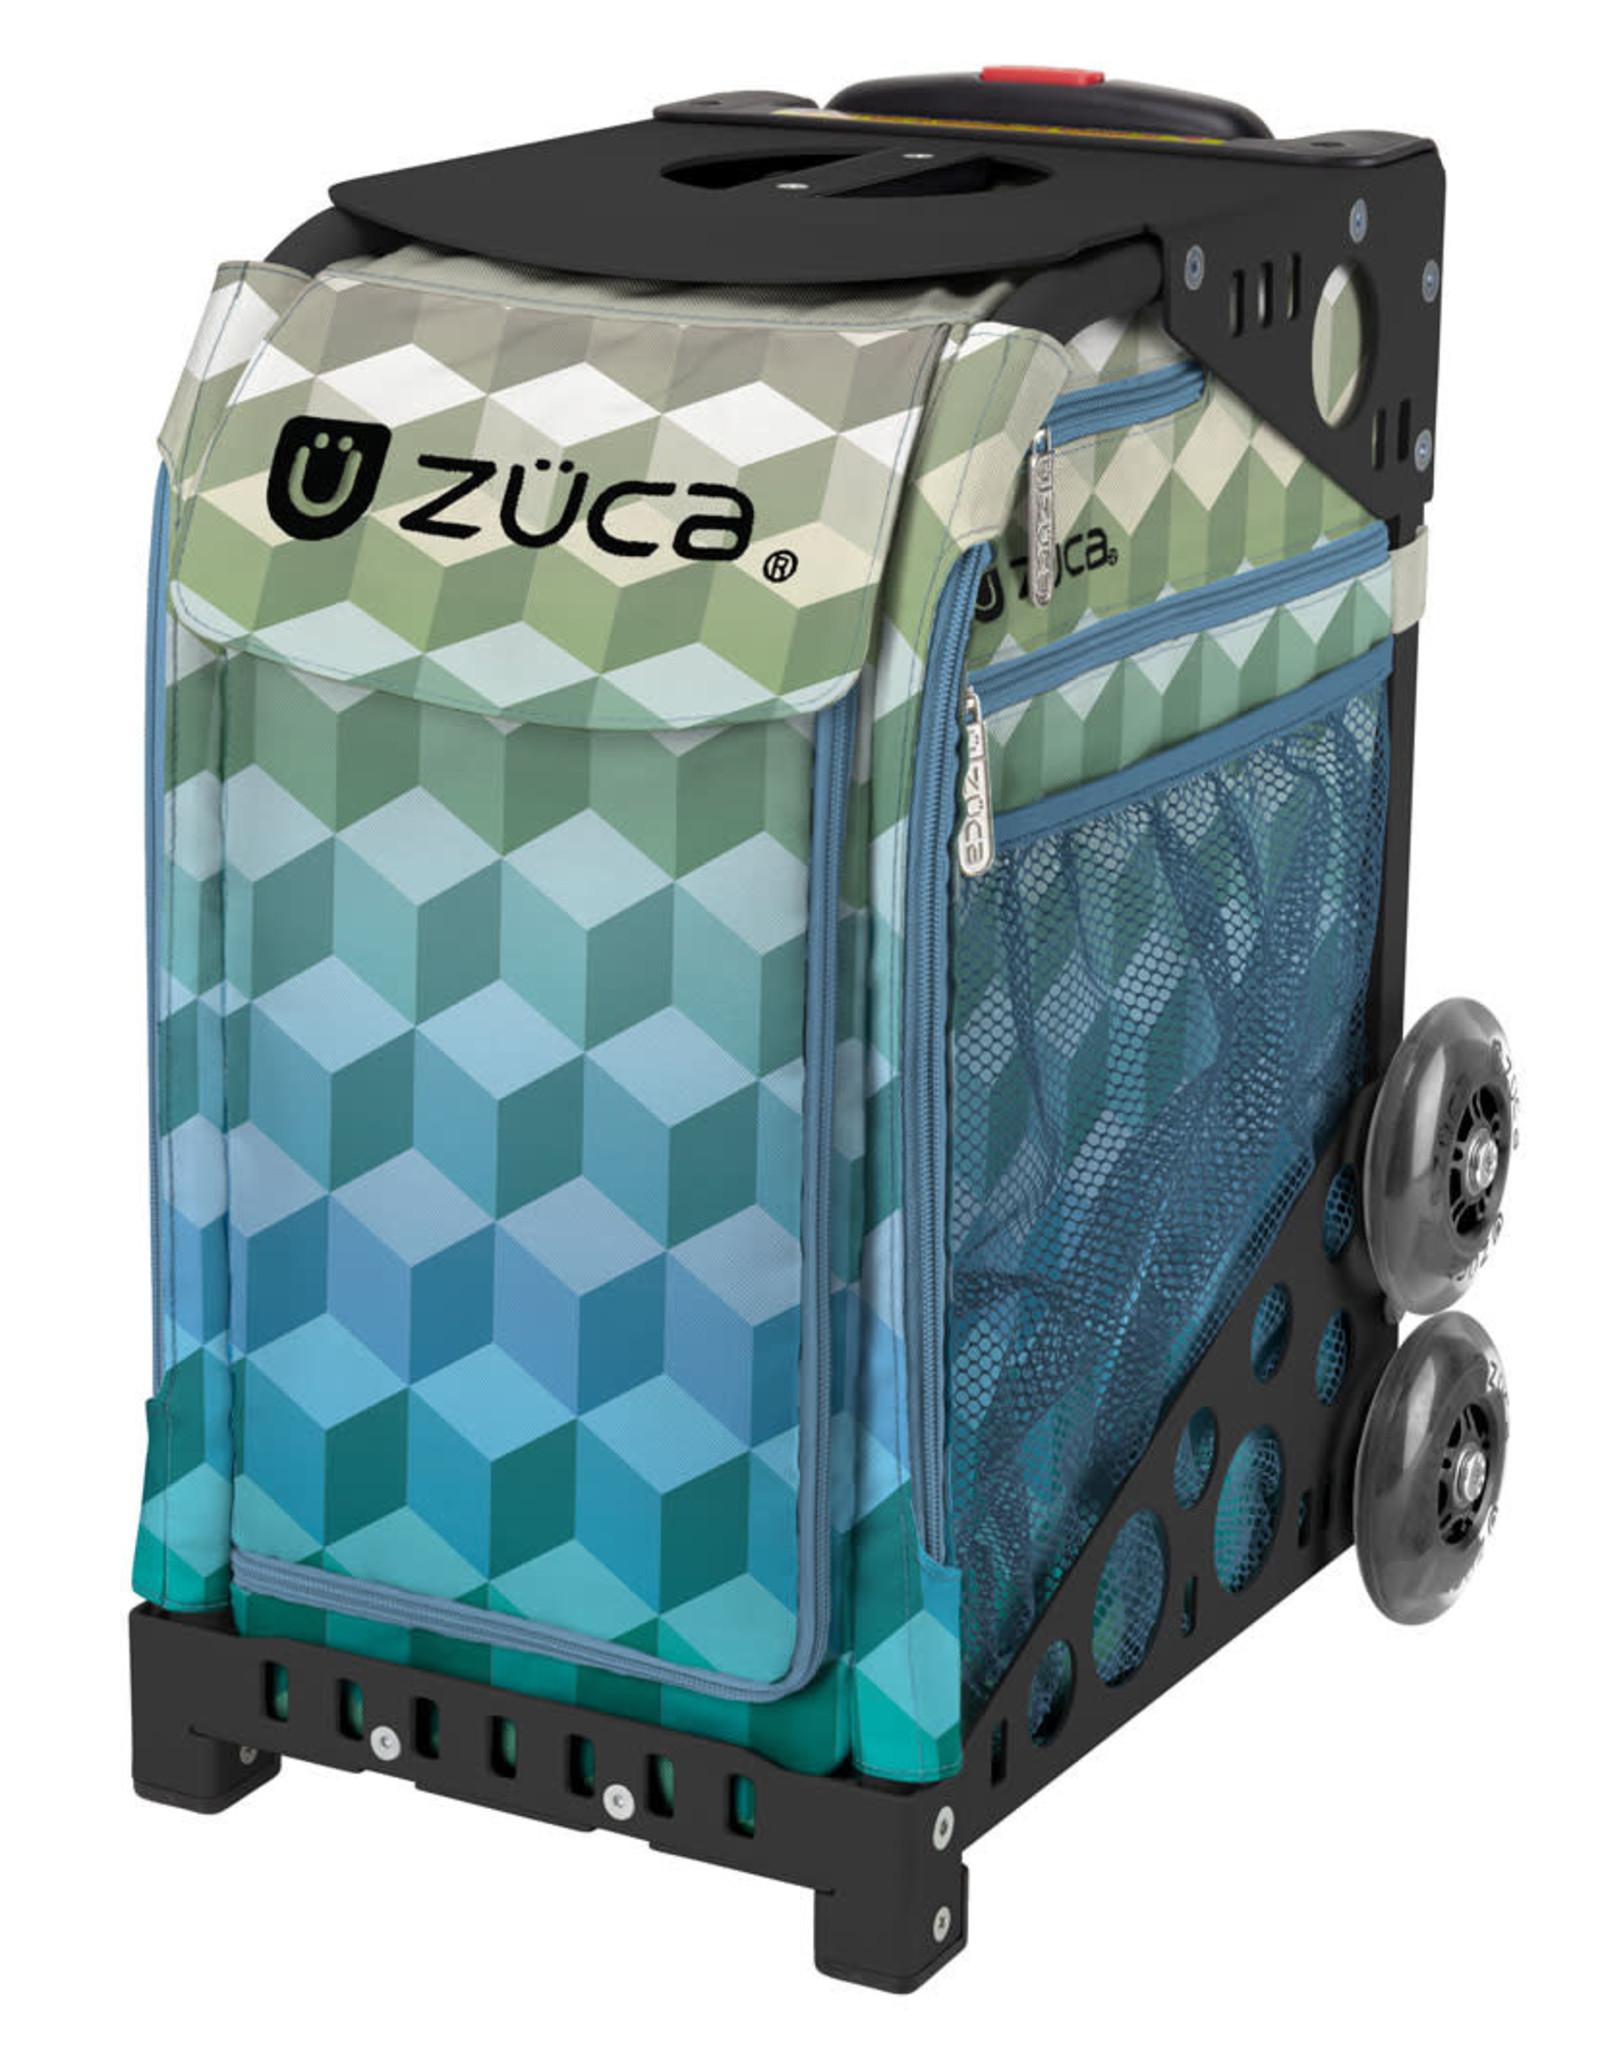 Zuca Zuca Complete - Prints